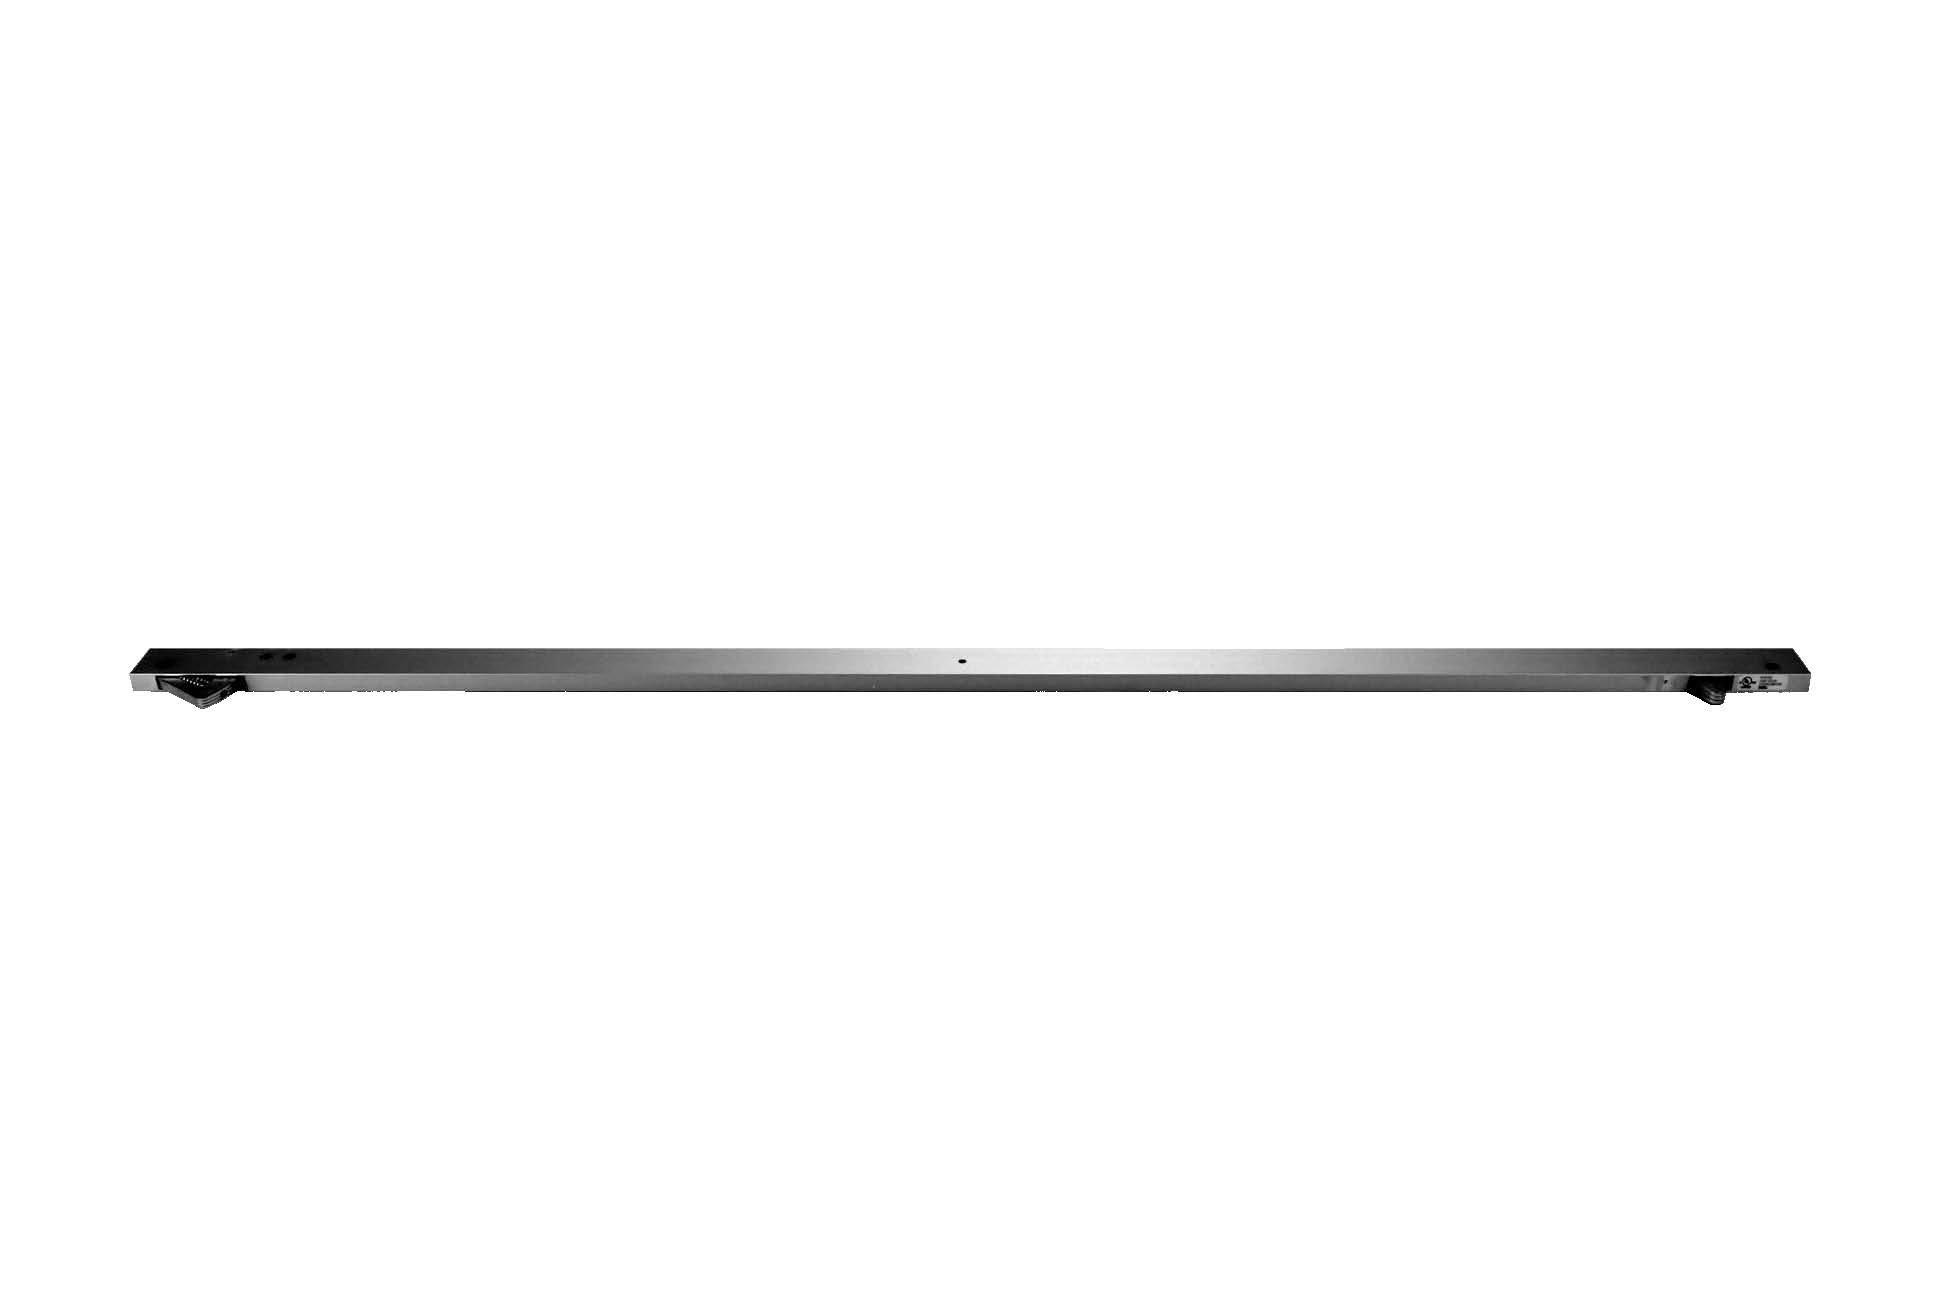 Don-Jo 2023 Aluminum Door Coordinator with Filler Bar, Satin Anodized Aluminum Finish, 52'' Length x 1-5/8'' Width, 44'' Length x 1-5/8'' Width Filler Bar